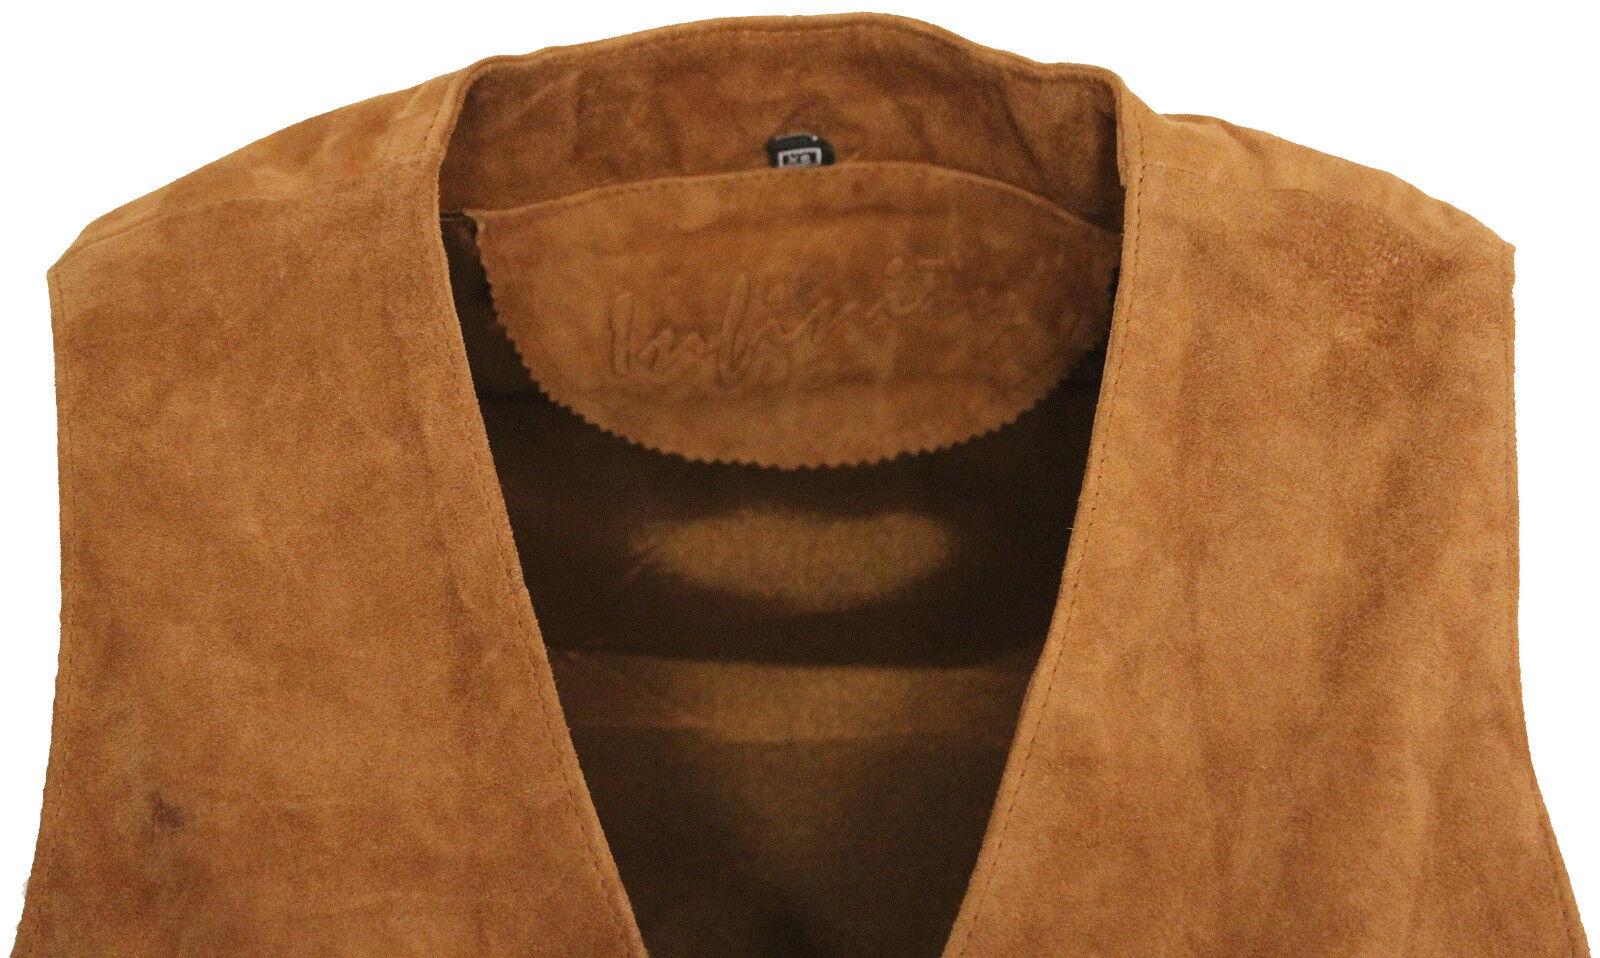 Transizione Giacca da Uomo Giacca Transizione Parka Mimetico Cappotto Giubbotto Giacca Invernale Foderato Nuovo 3c107d